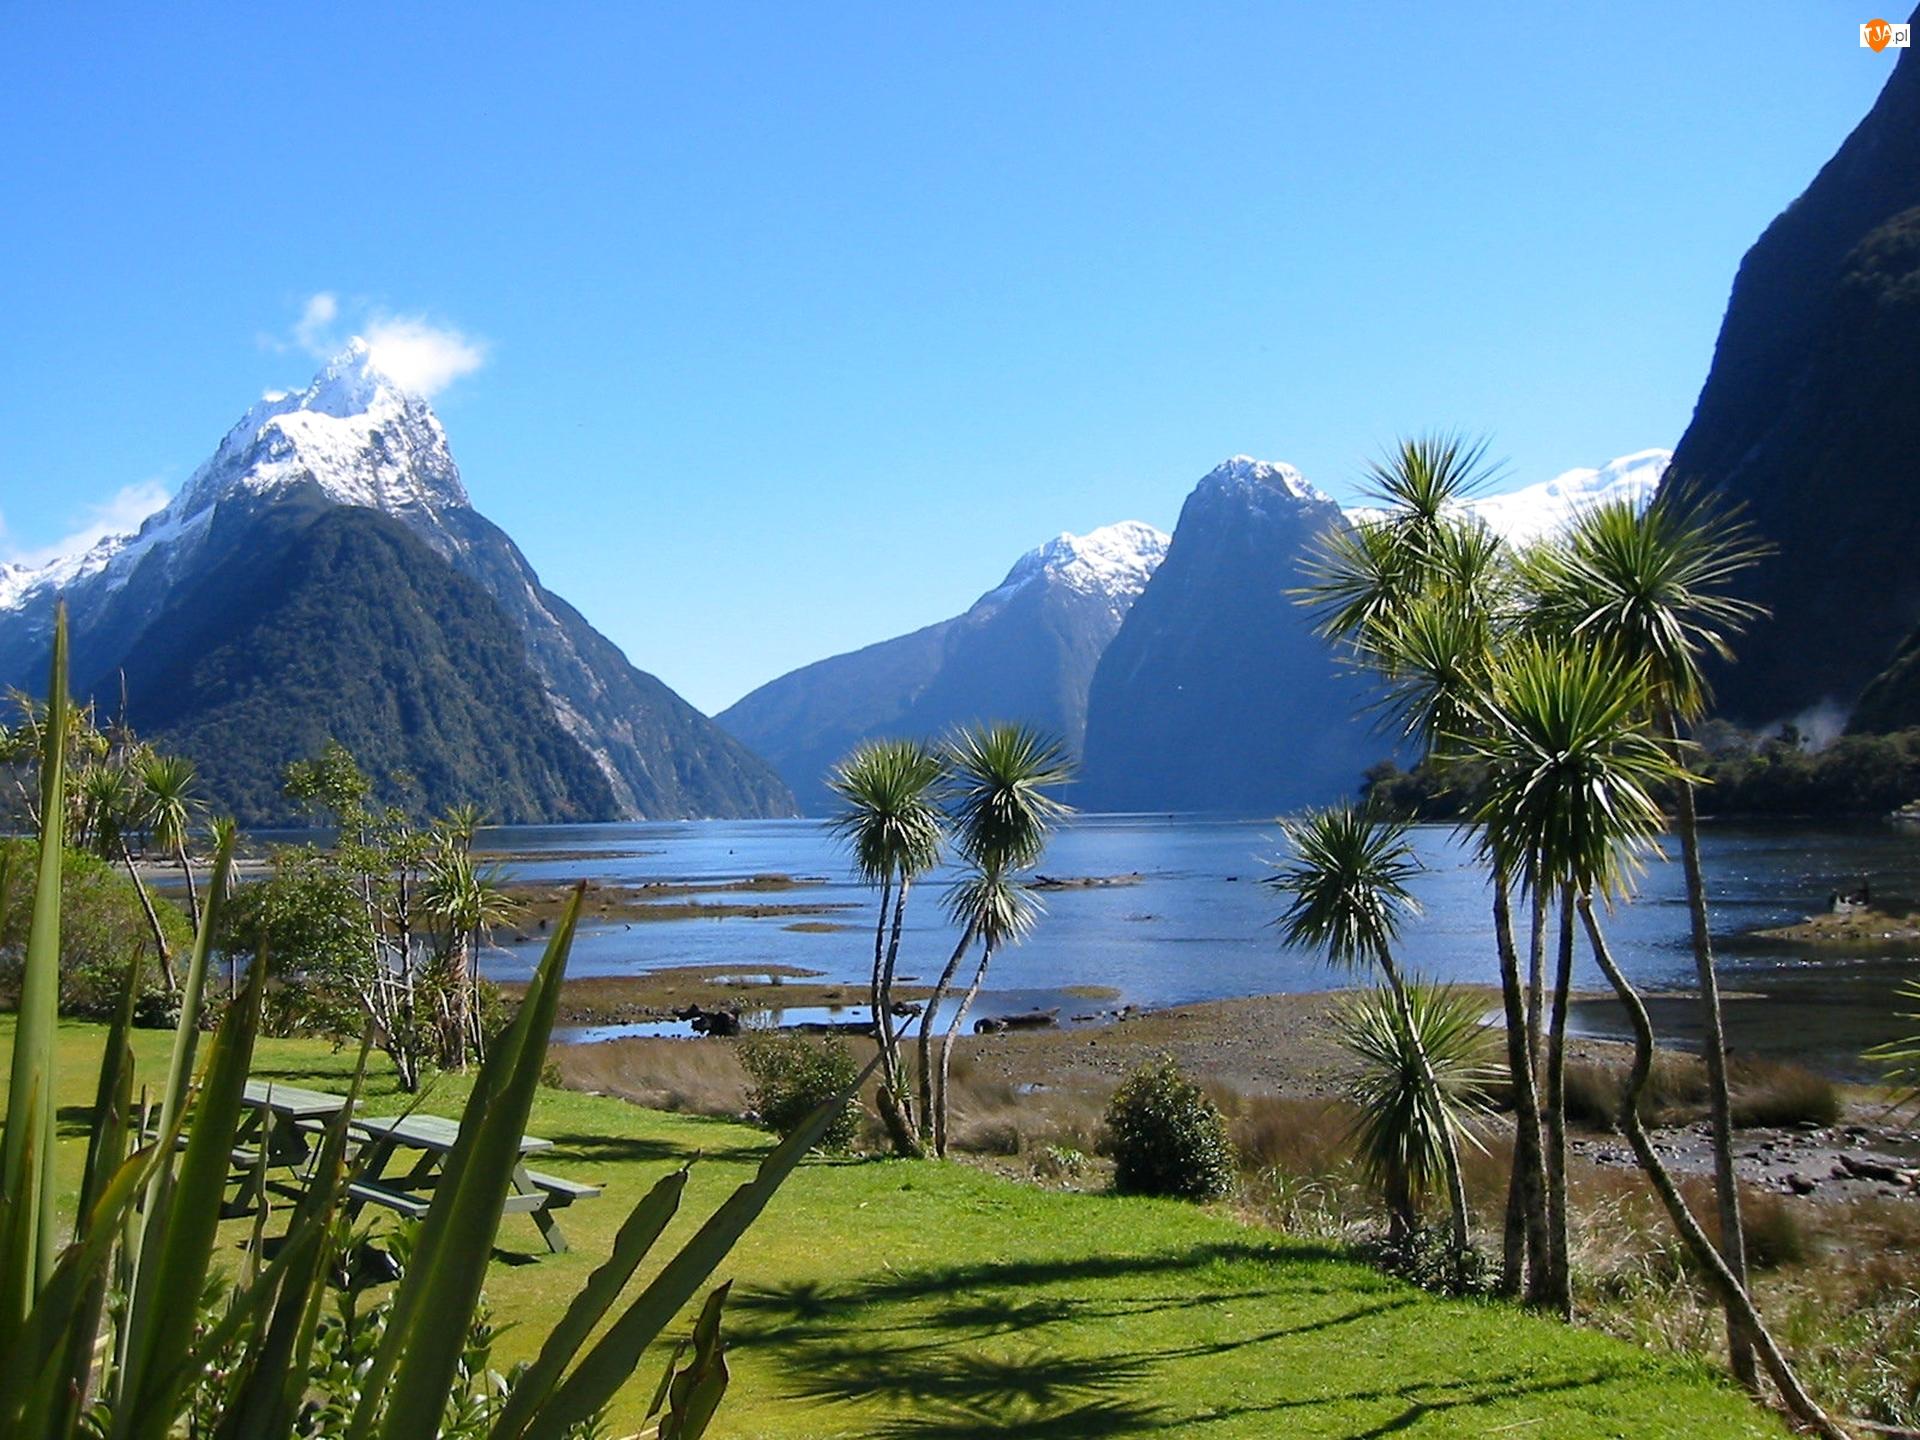 Nowa Zelandia, Jezioro, Roślinność, Góry, Milford Sound